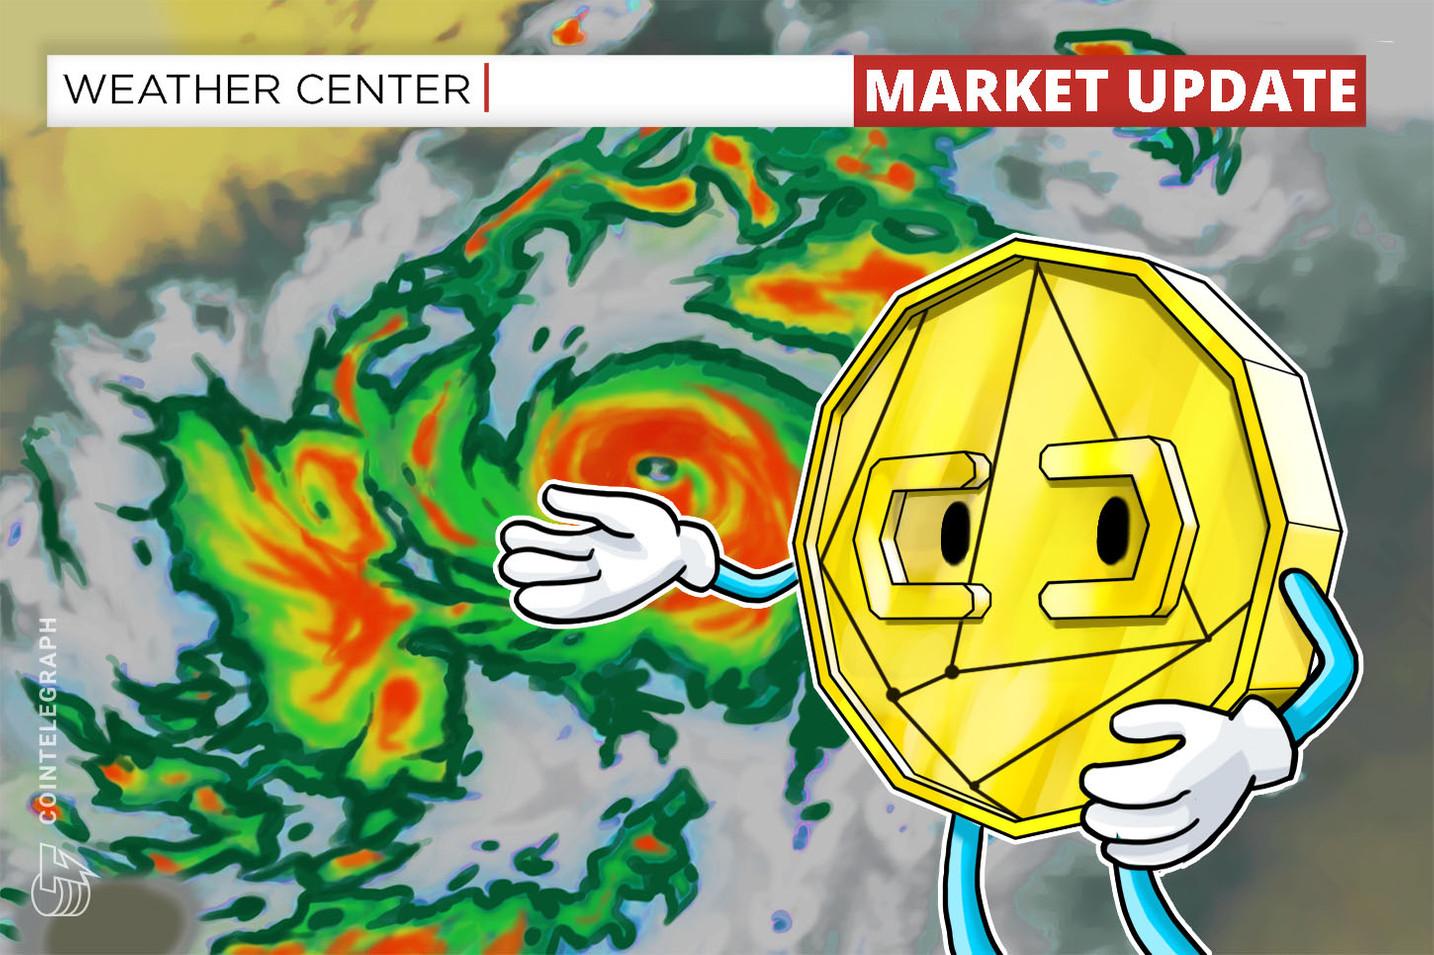 Bitcoin supera los USD 9,300 mientras el mercado de valores de EE. UU. experimenta una leve tendencia alcista